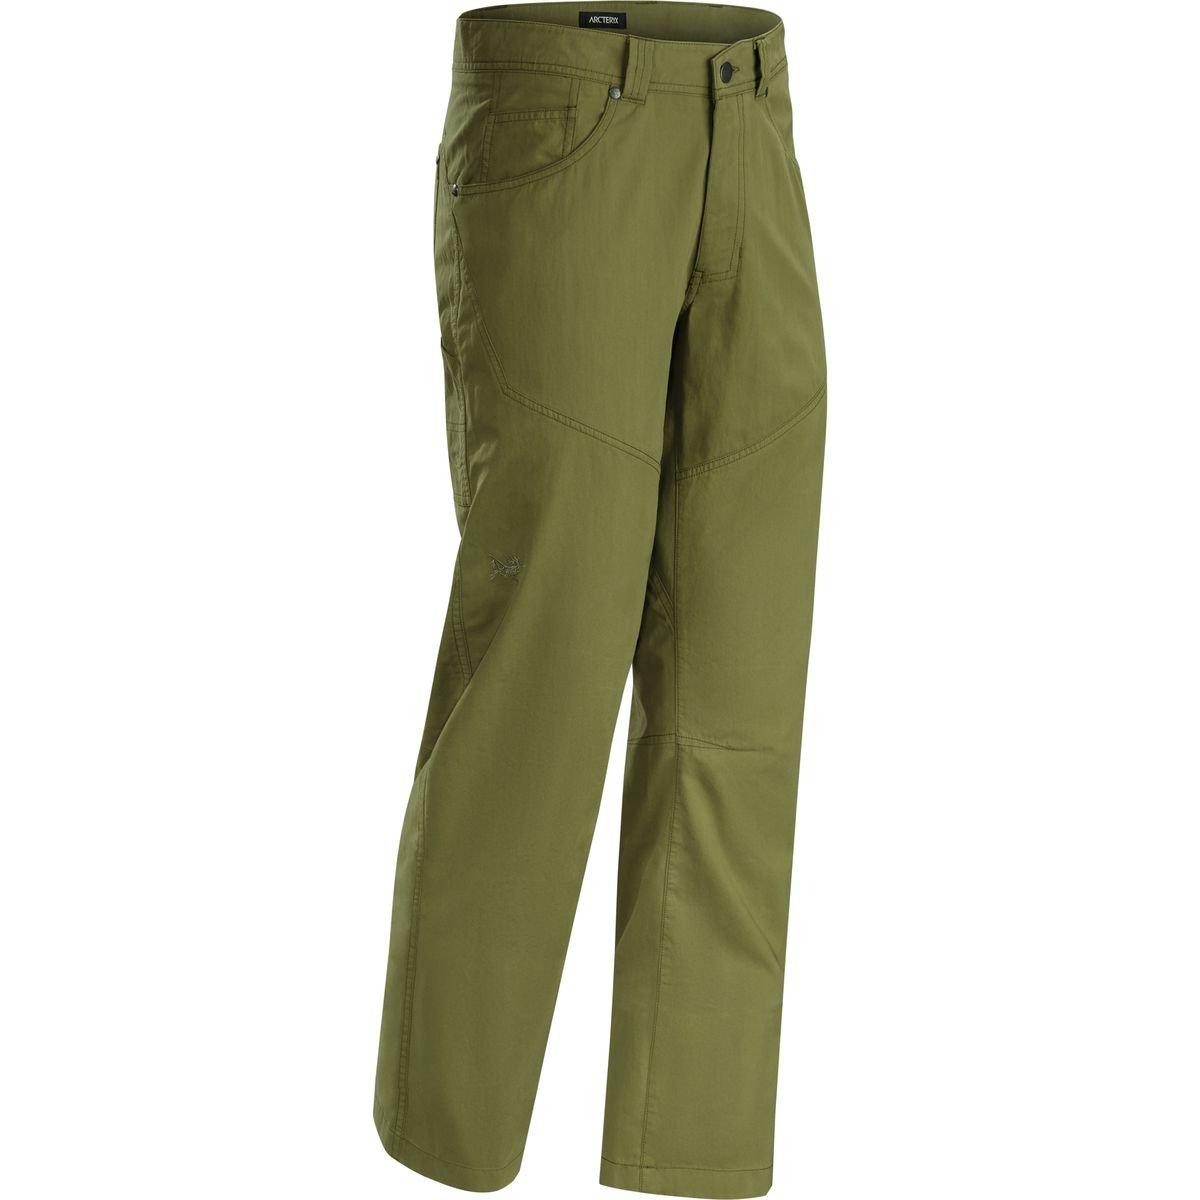 Bastion Pant – Men 's by Arcteryx B01GFT09UU 36W x 32L|Roman Pine Roman Pine 36W x 32L